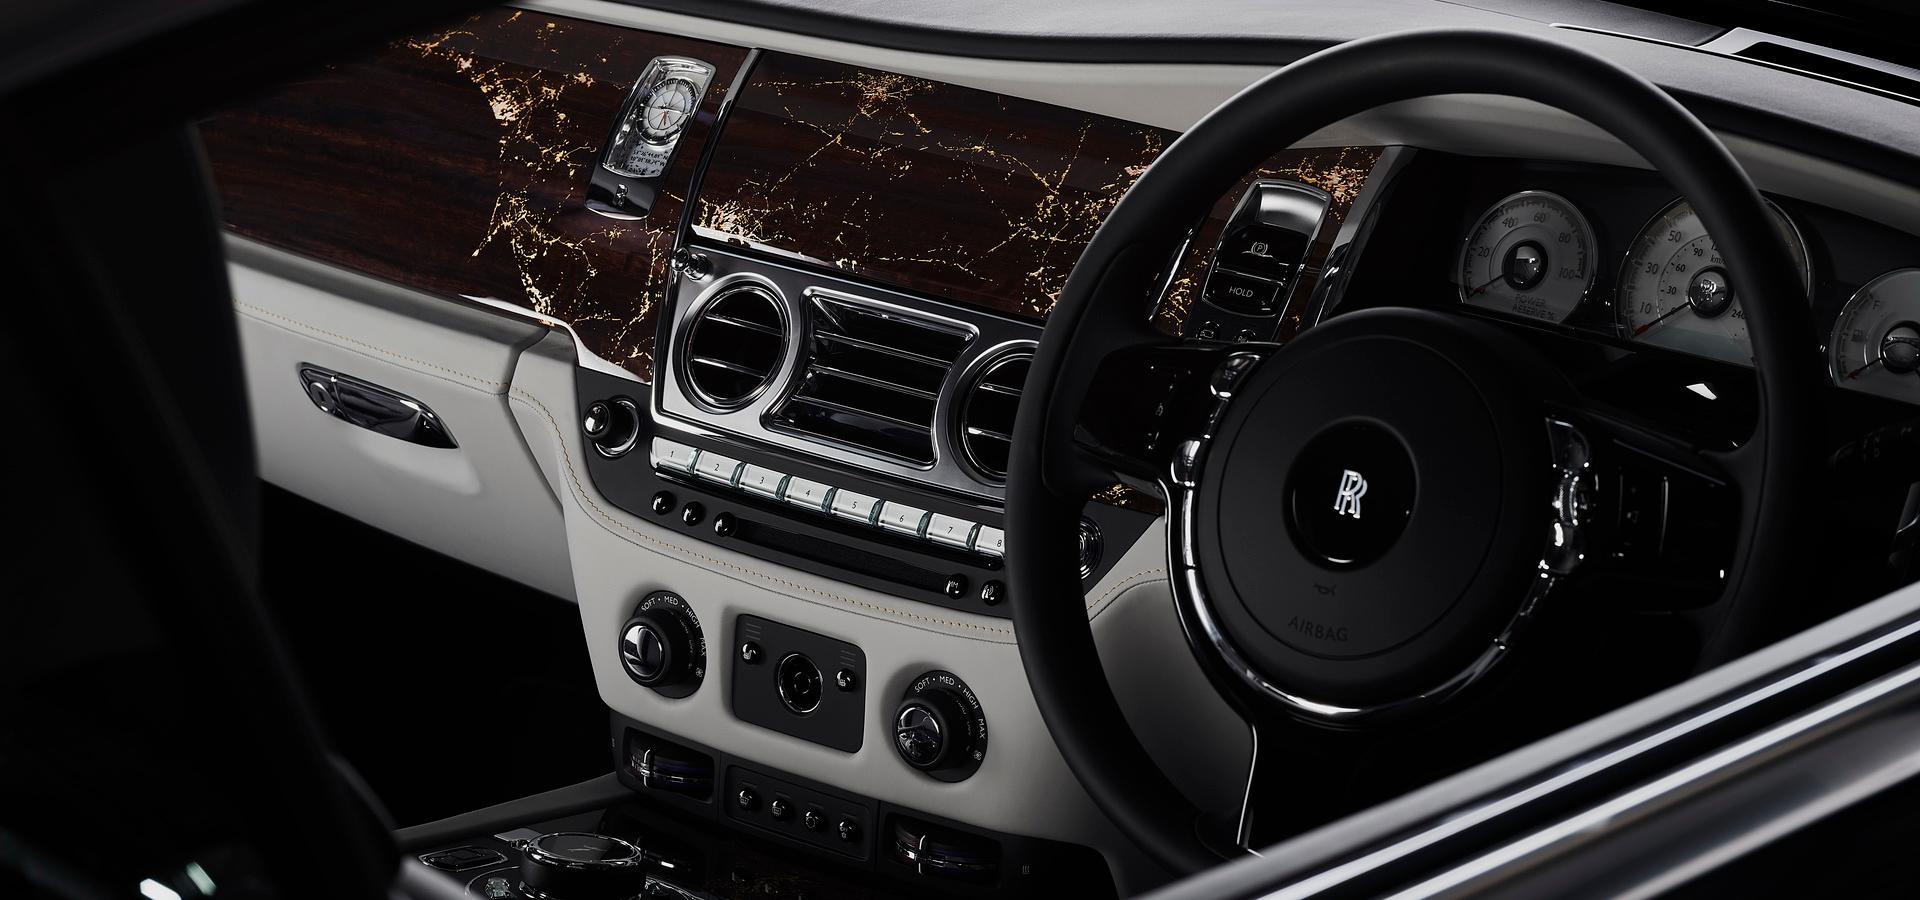 Rolls-Royce Wraith Eagle VIII ra mắt với 50 câu chuyện lịch sử của thế kỉ 20 Ảnh 1